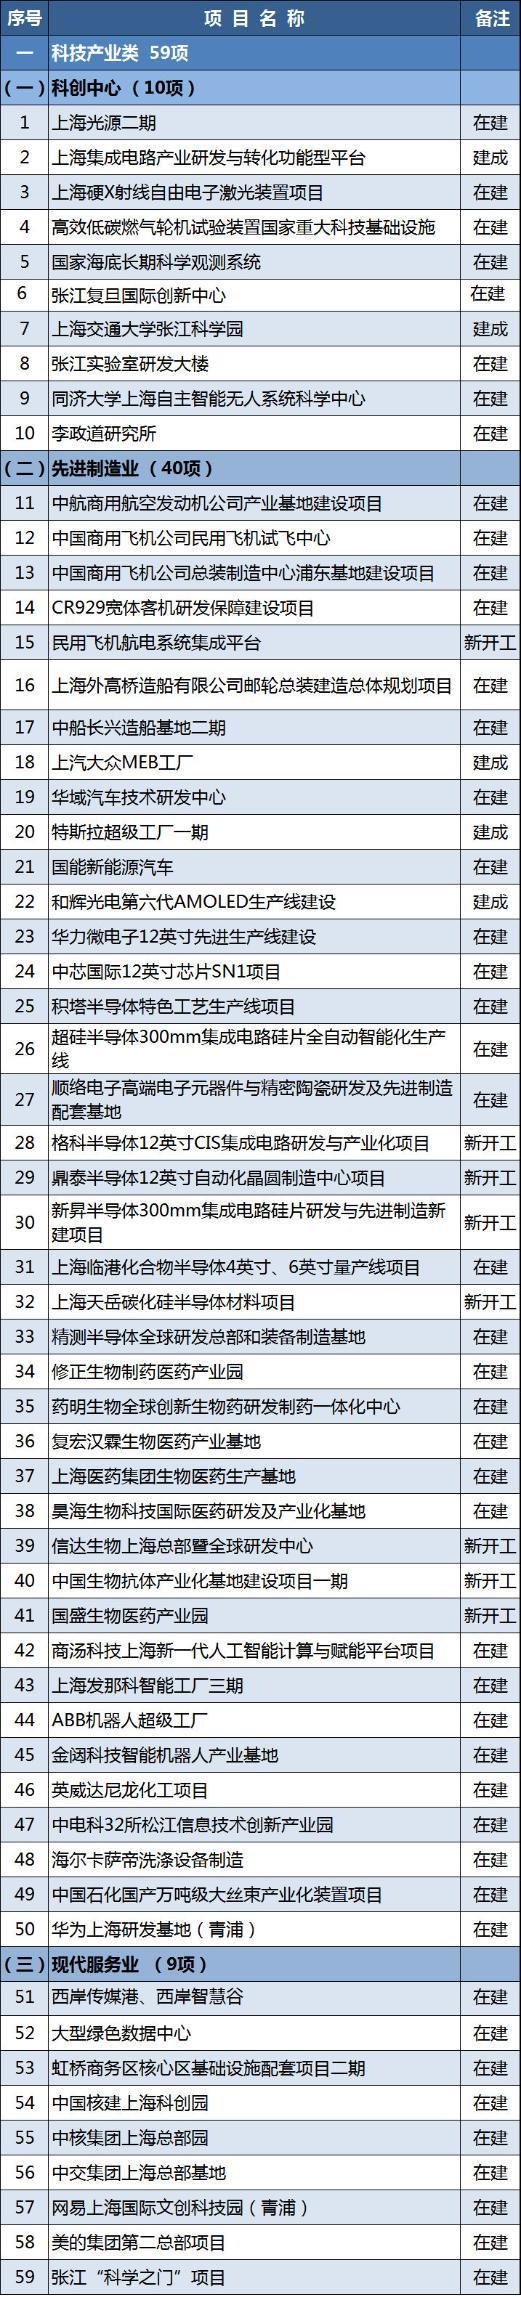 上海2021年重大建设项目清单公布 涉特斯拉超级工厂一期等